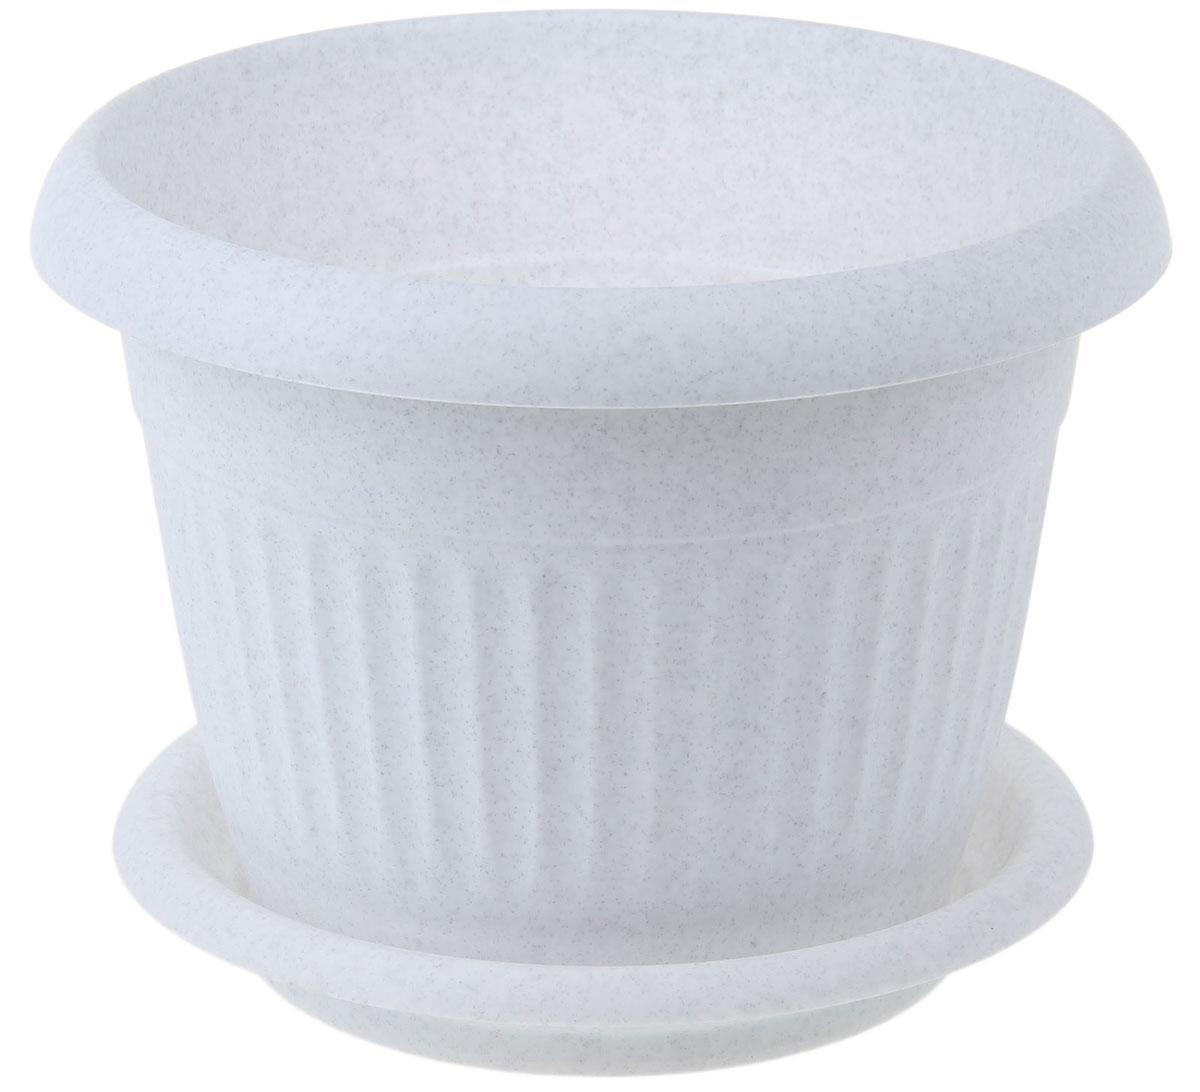 Кашпо Idea Ливия, с поддоном, цвет: мраморный, 7,4 лZ-0307Кашпо Idea Ливия изготовлено из прочного полипропилена (пластика) и предназначено для выращивания растений, цветов и трав в домашних условиях. Круглый поддон обеспечивает сток воды. Такое кашпо порадует вас функциональностью, а благодаря лаконичному дизайну впишется в любой интерьер помещения. Диаметр кашпо по верхнему краю: 28 см. Объем кашпо: 7,4 л.